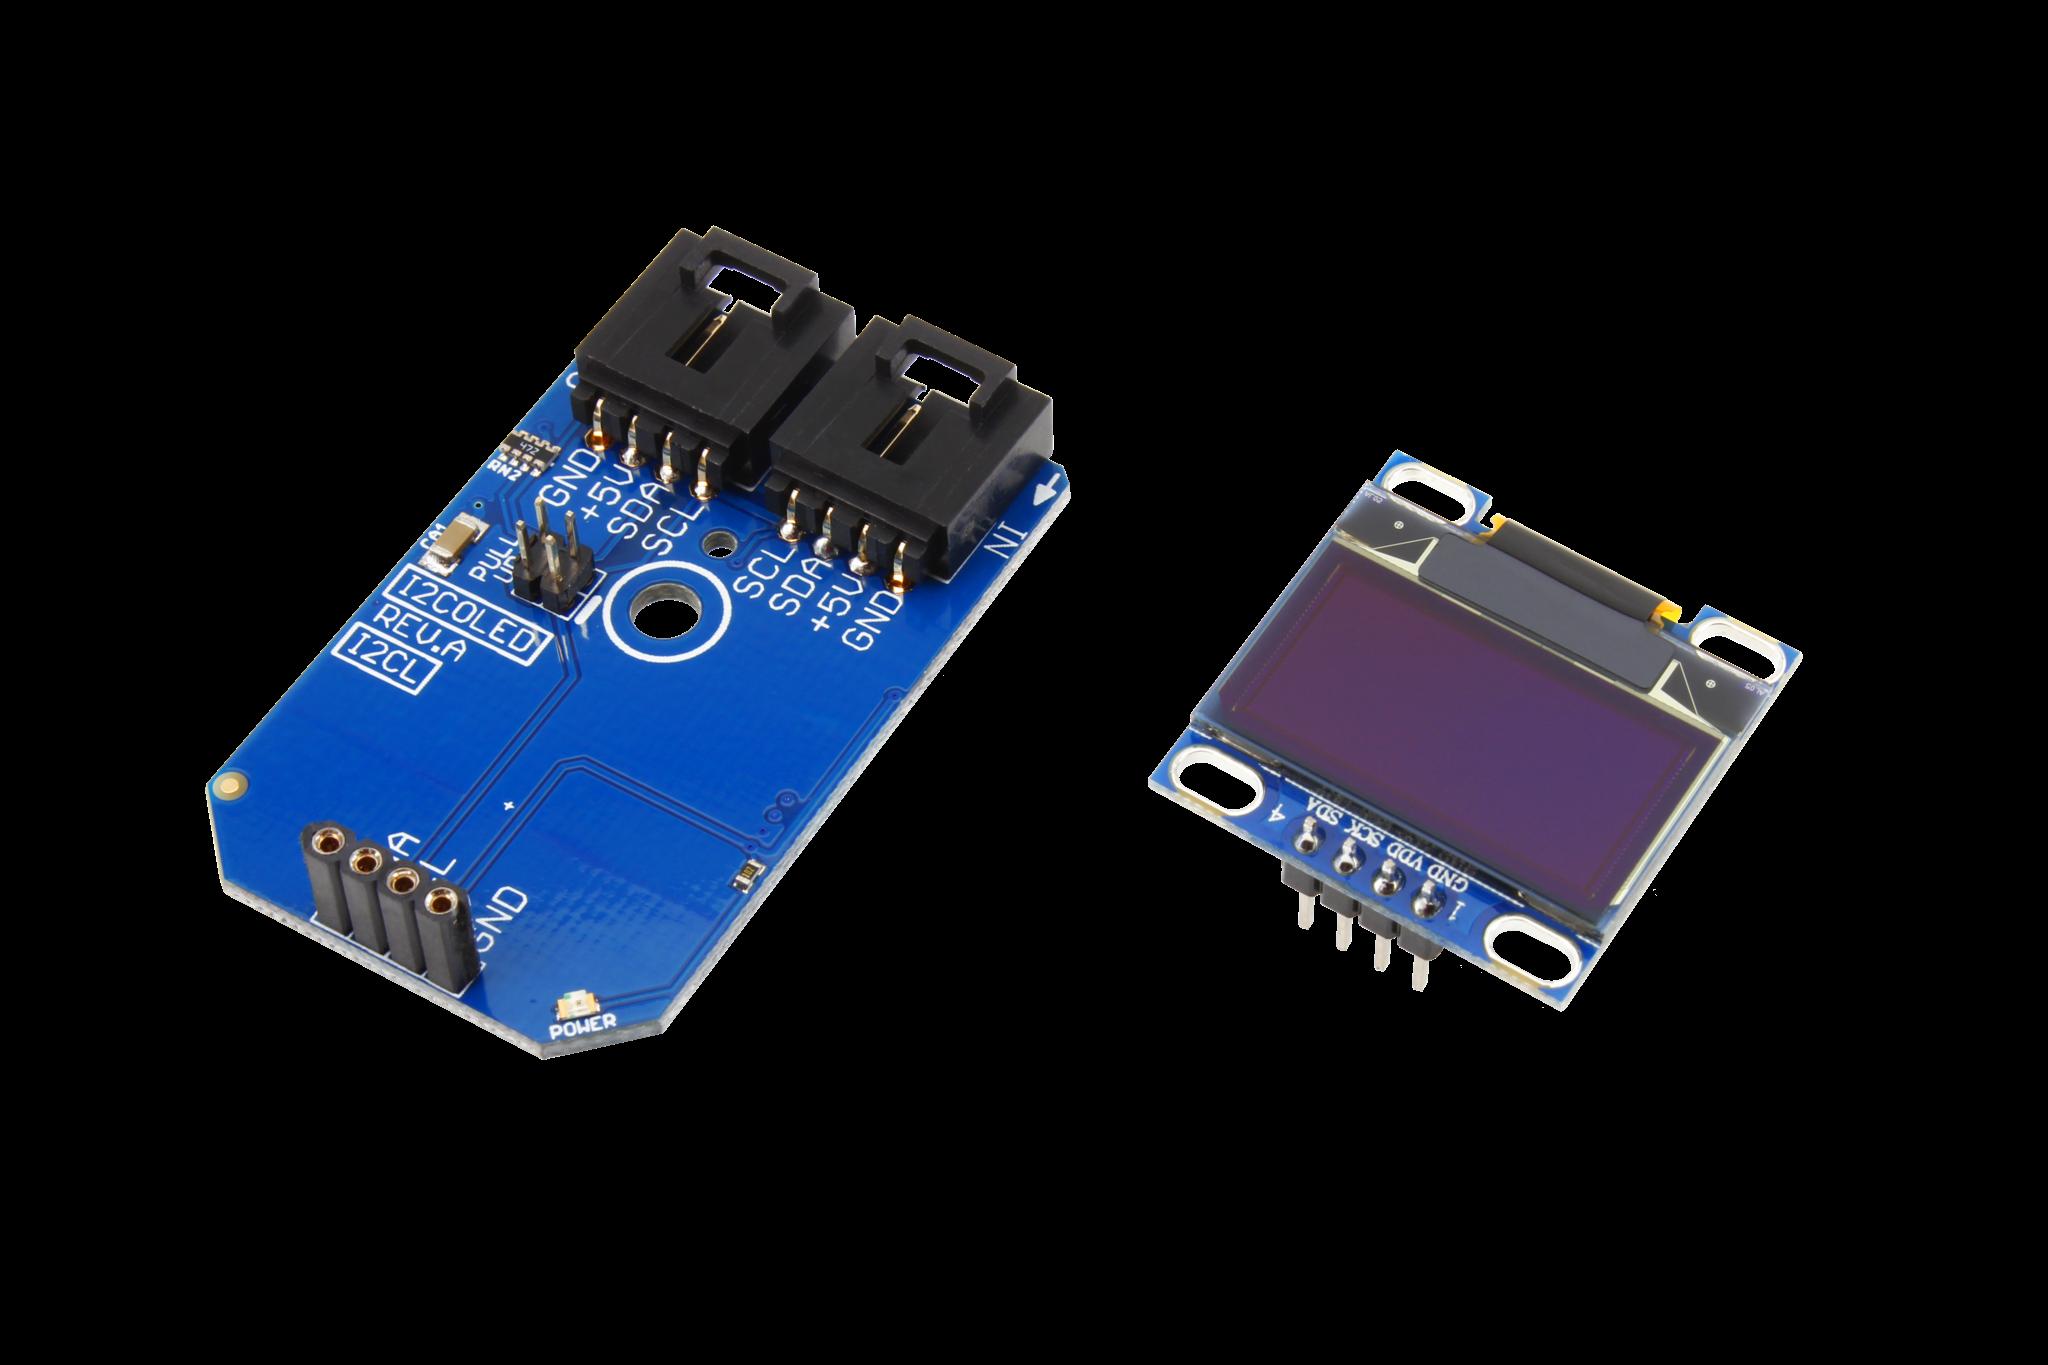 OLED 128x64 Graphic Display I2C Mini Module - store ncd io